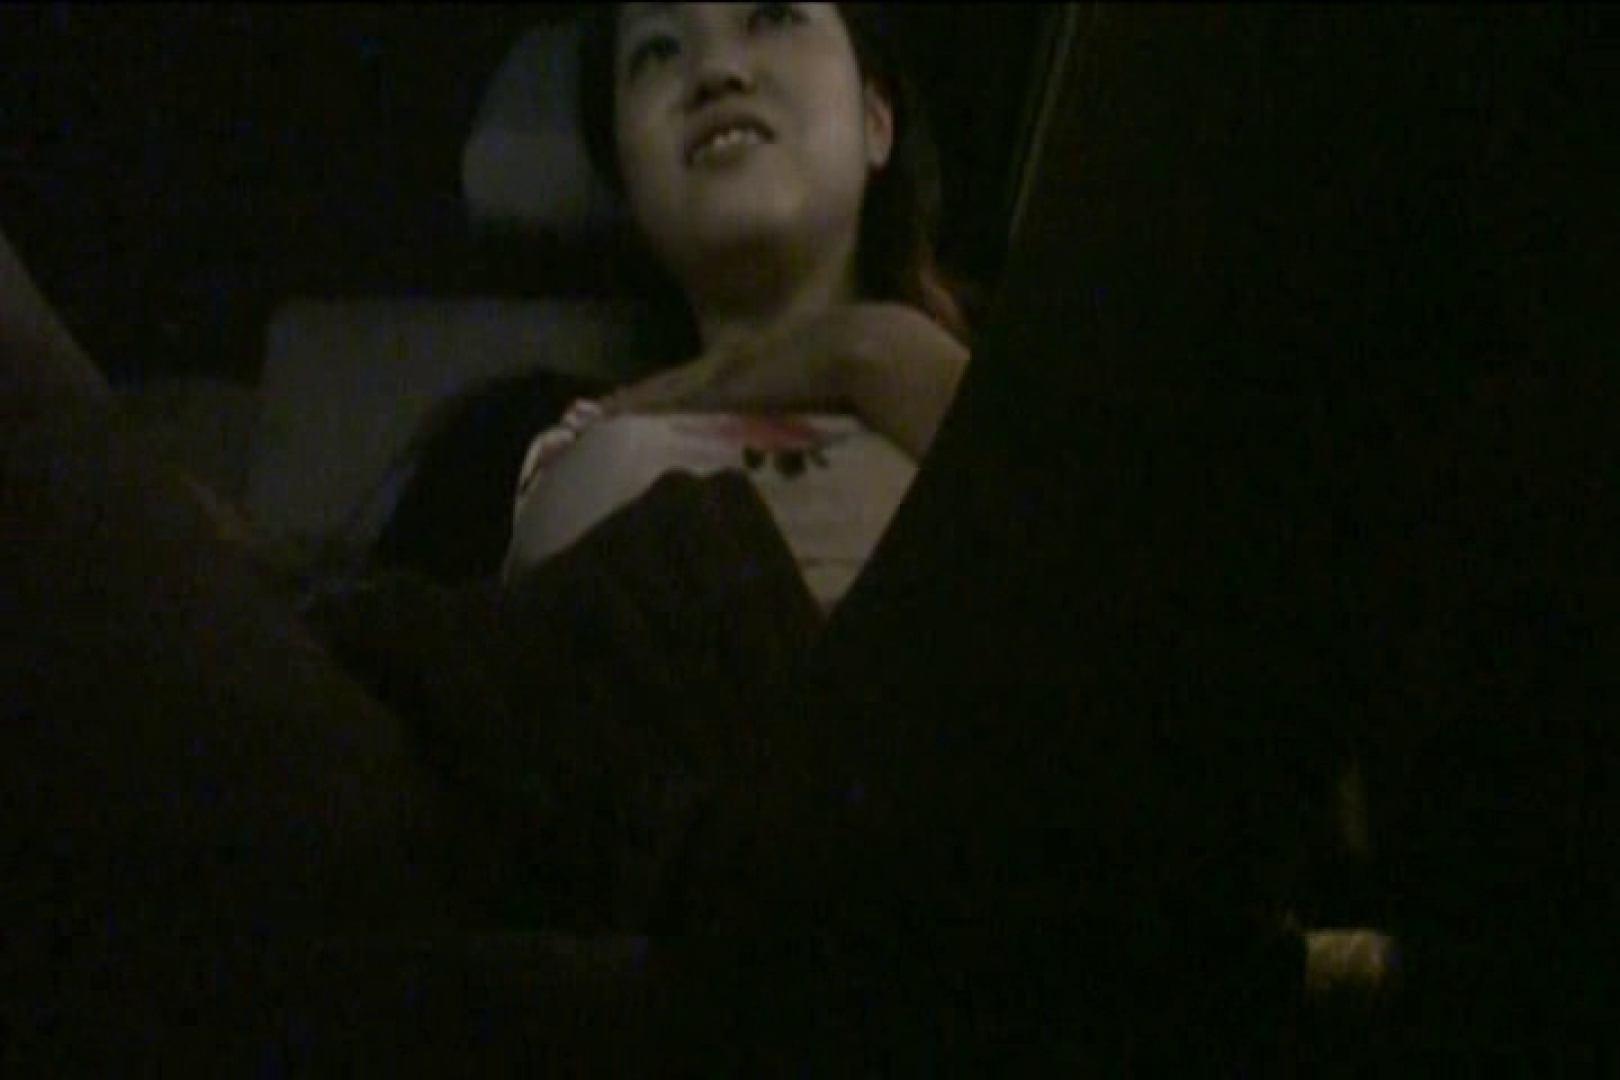 車内で初めまして! vol01 車 盗撮動画紹介 105連発 19